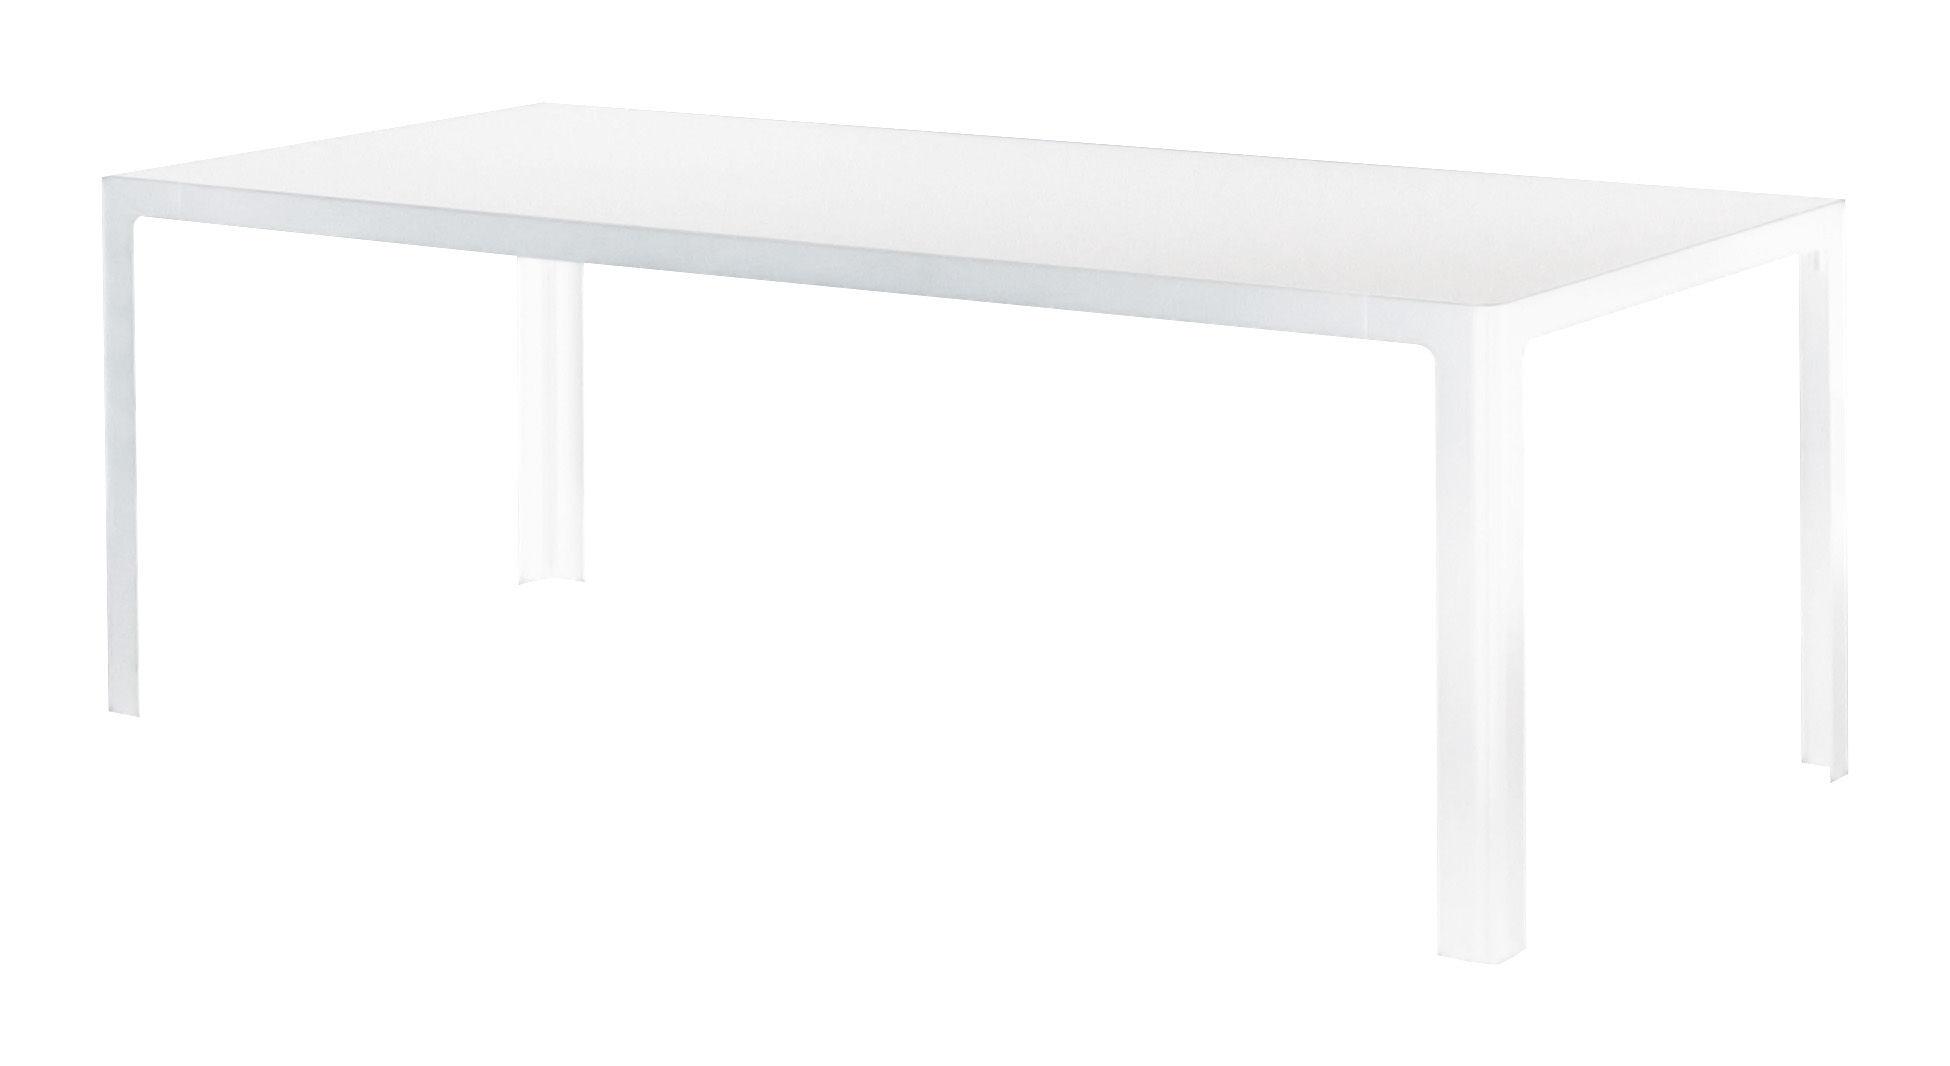 Mobilier - Tables - Table rectangulaire Metisse / Verre - 240 x 90 cm - Zeus - Plateau blanc / Structure blanc demi-opaque - Acier, Verre